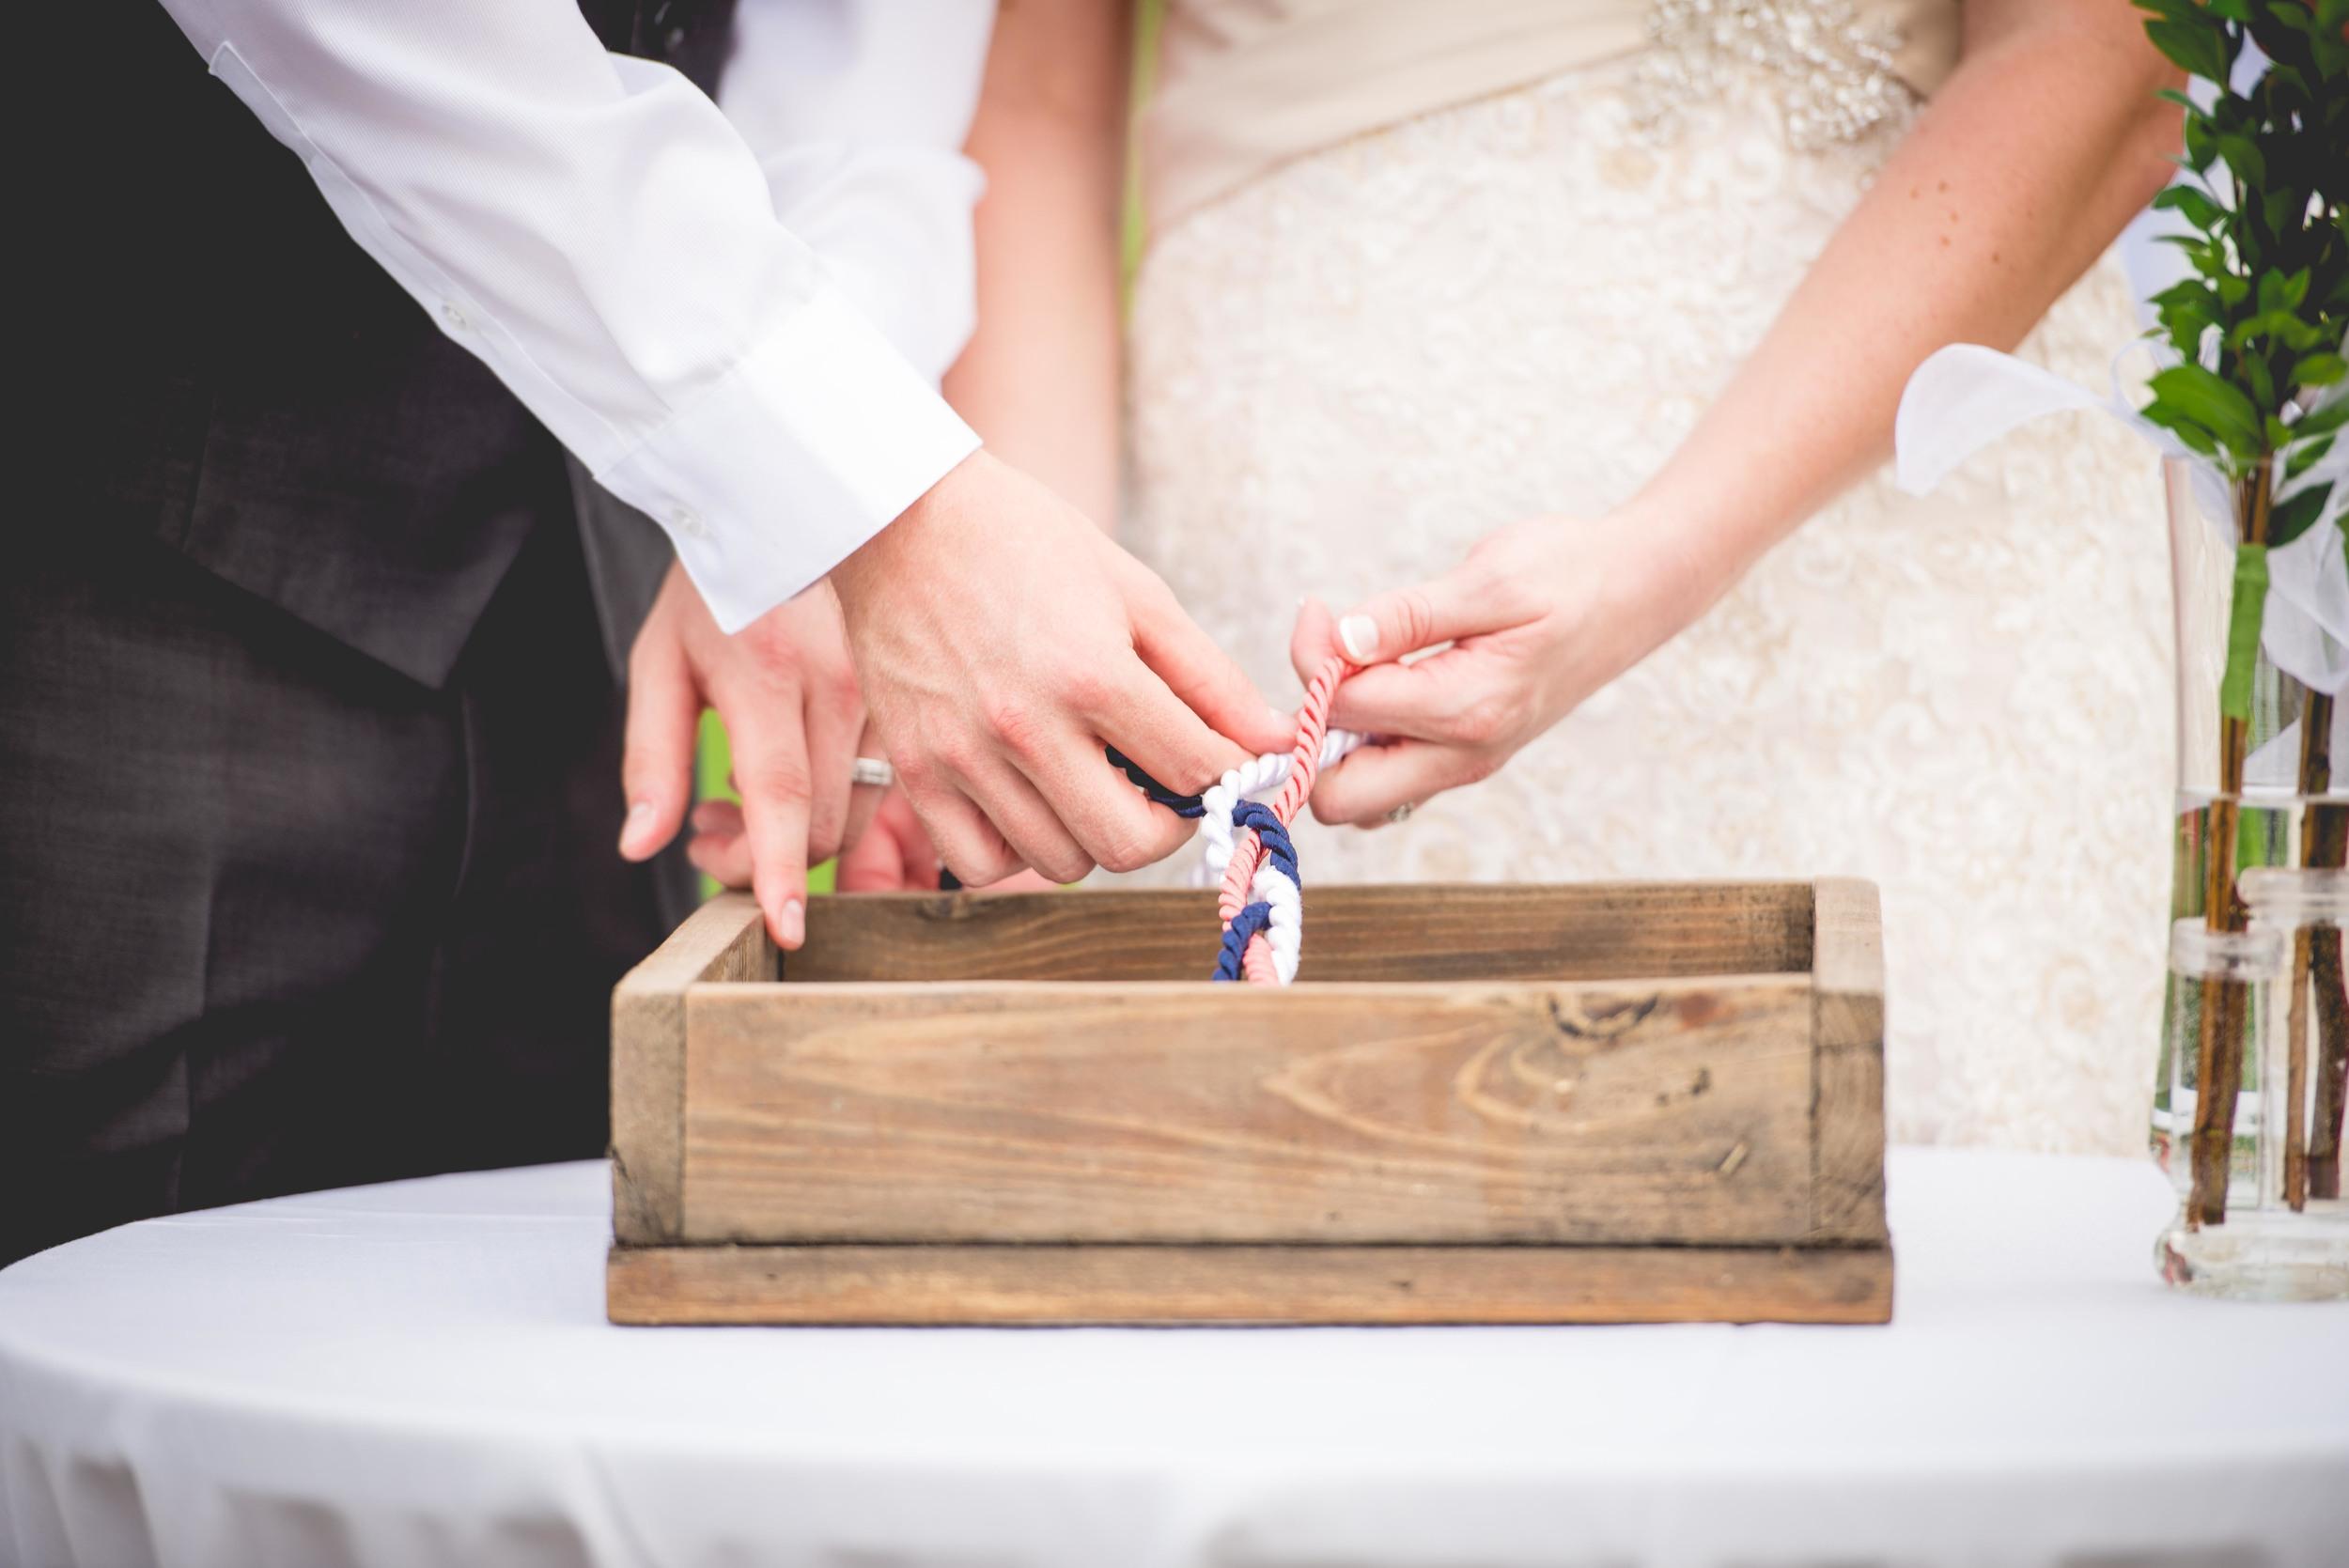 sarasutterphotography_wedding_drewanderin_2015-993.jpg